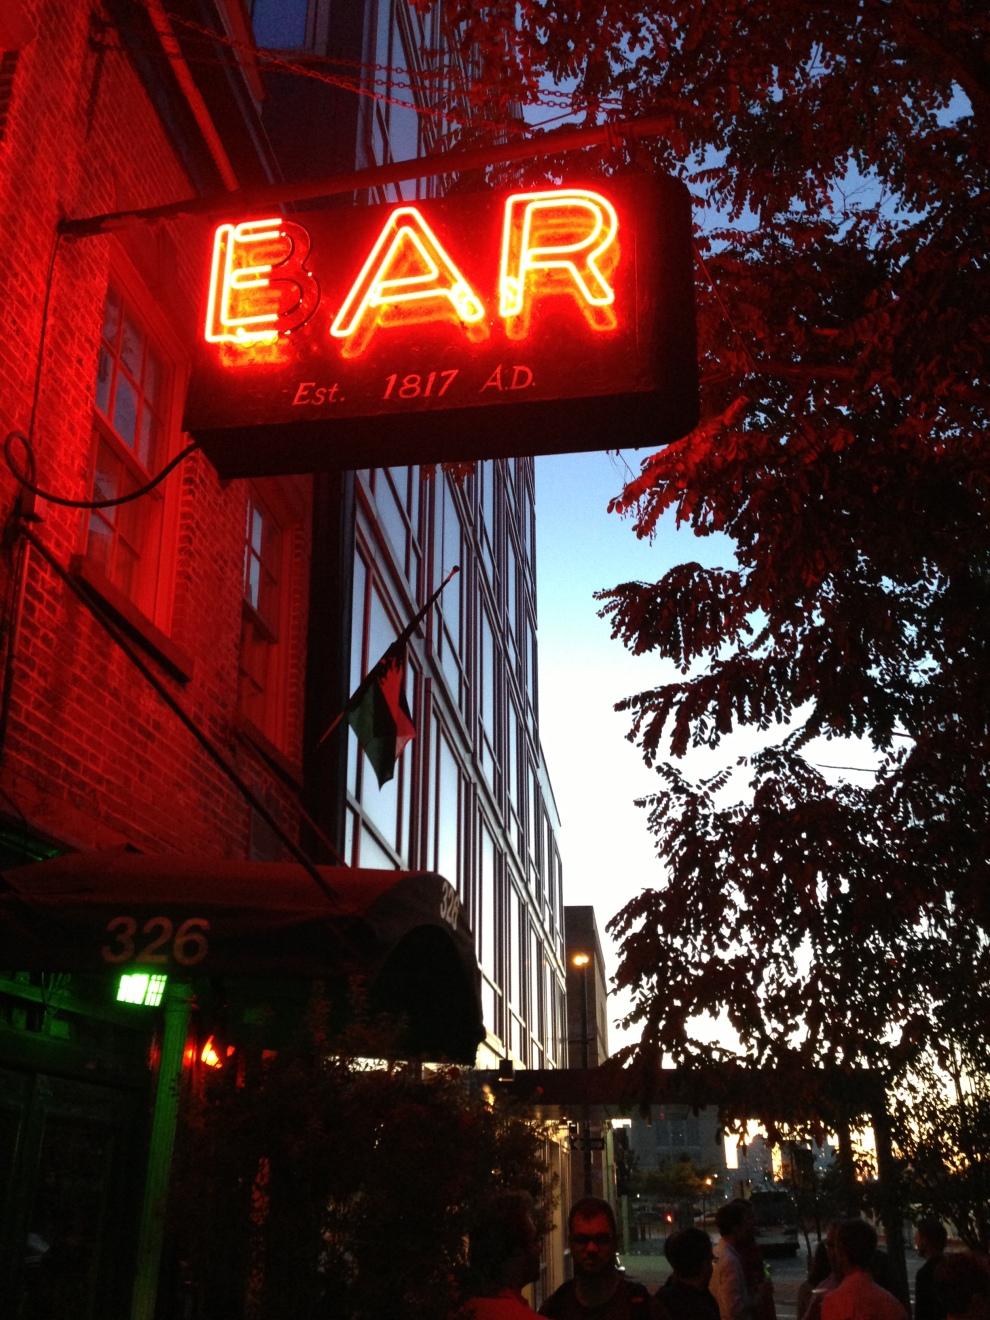 ear inn outdoor sign